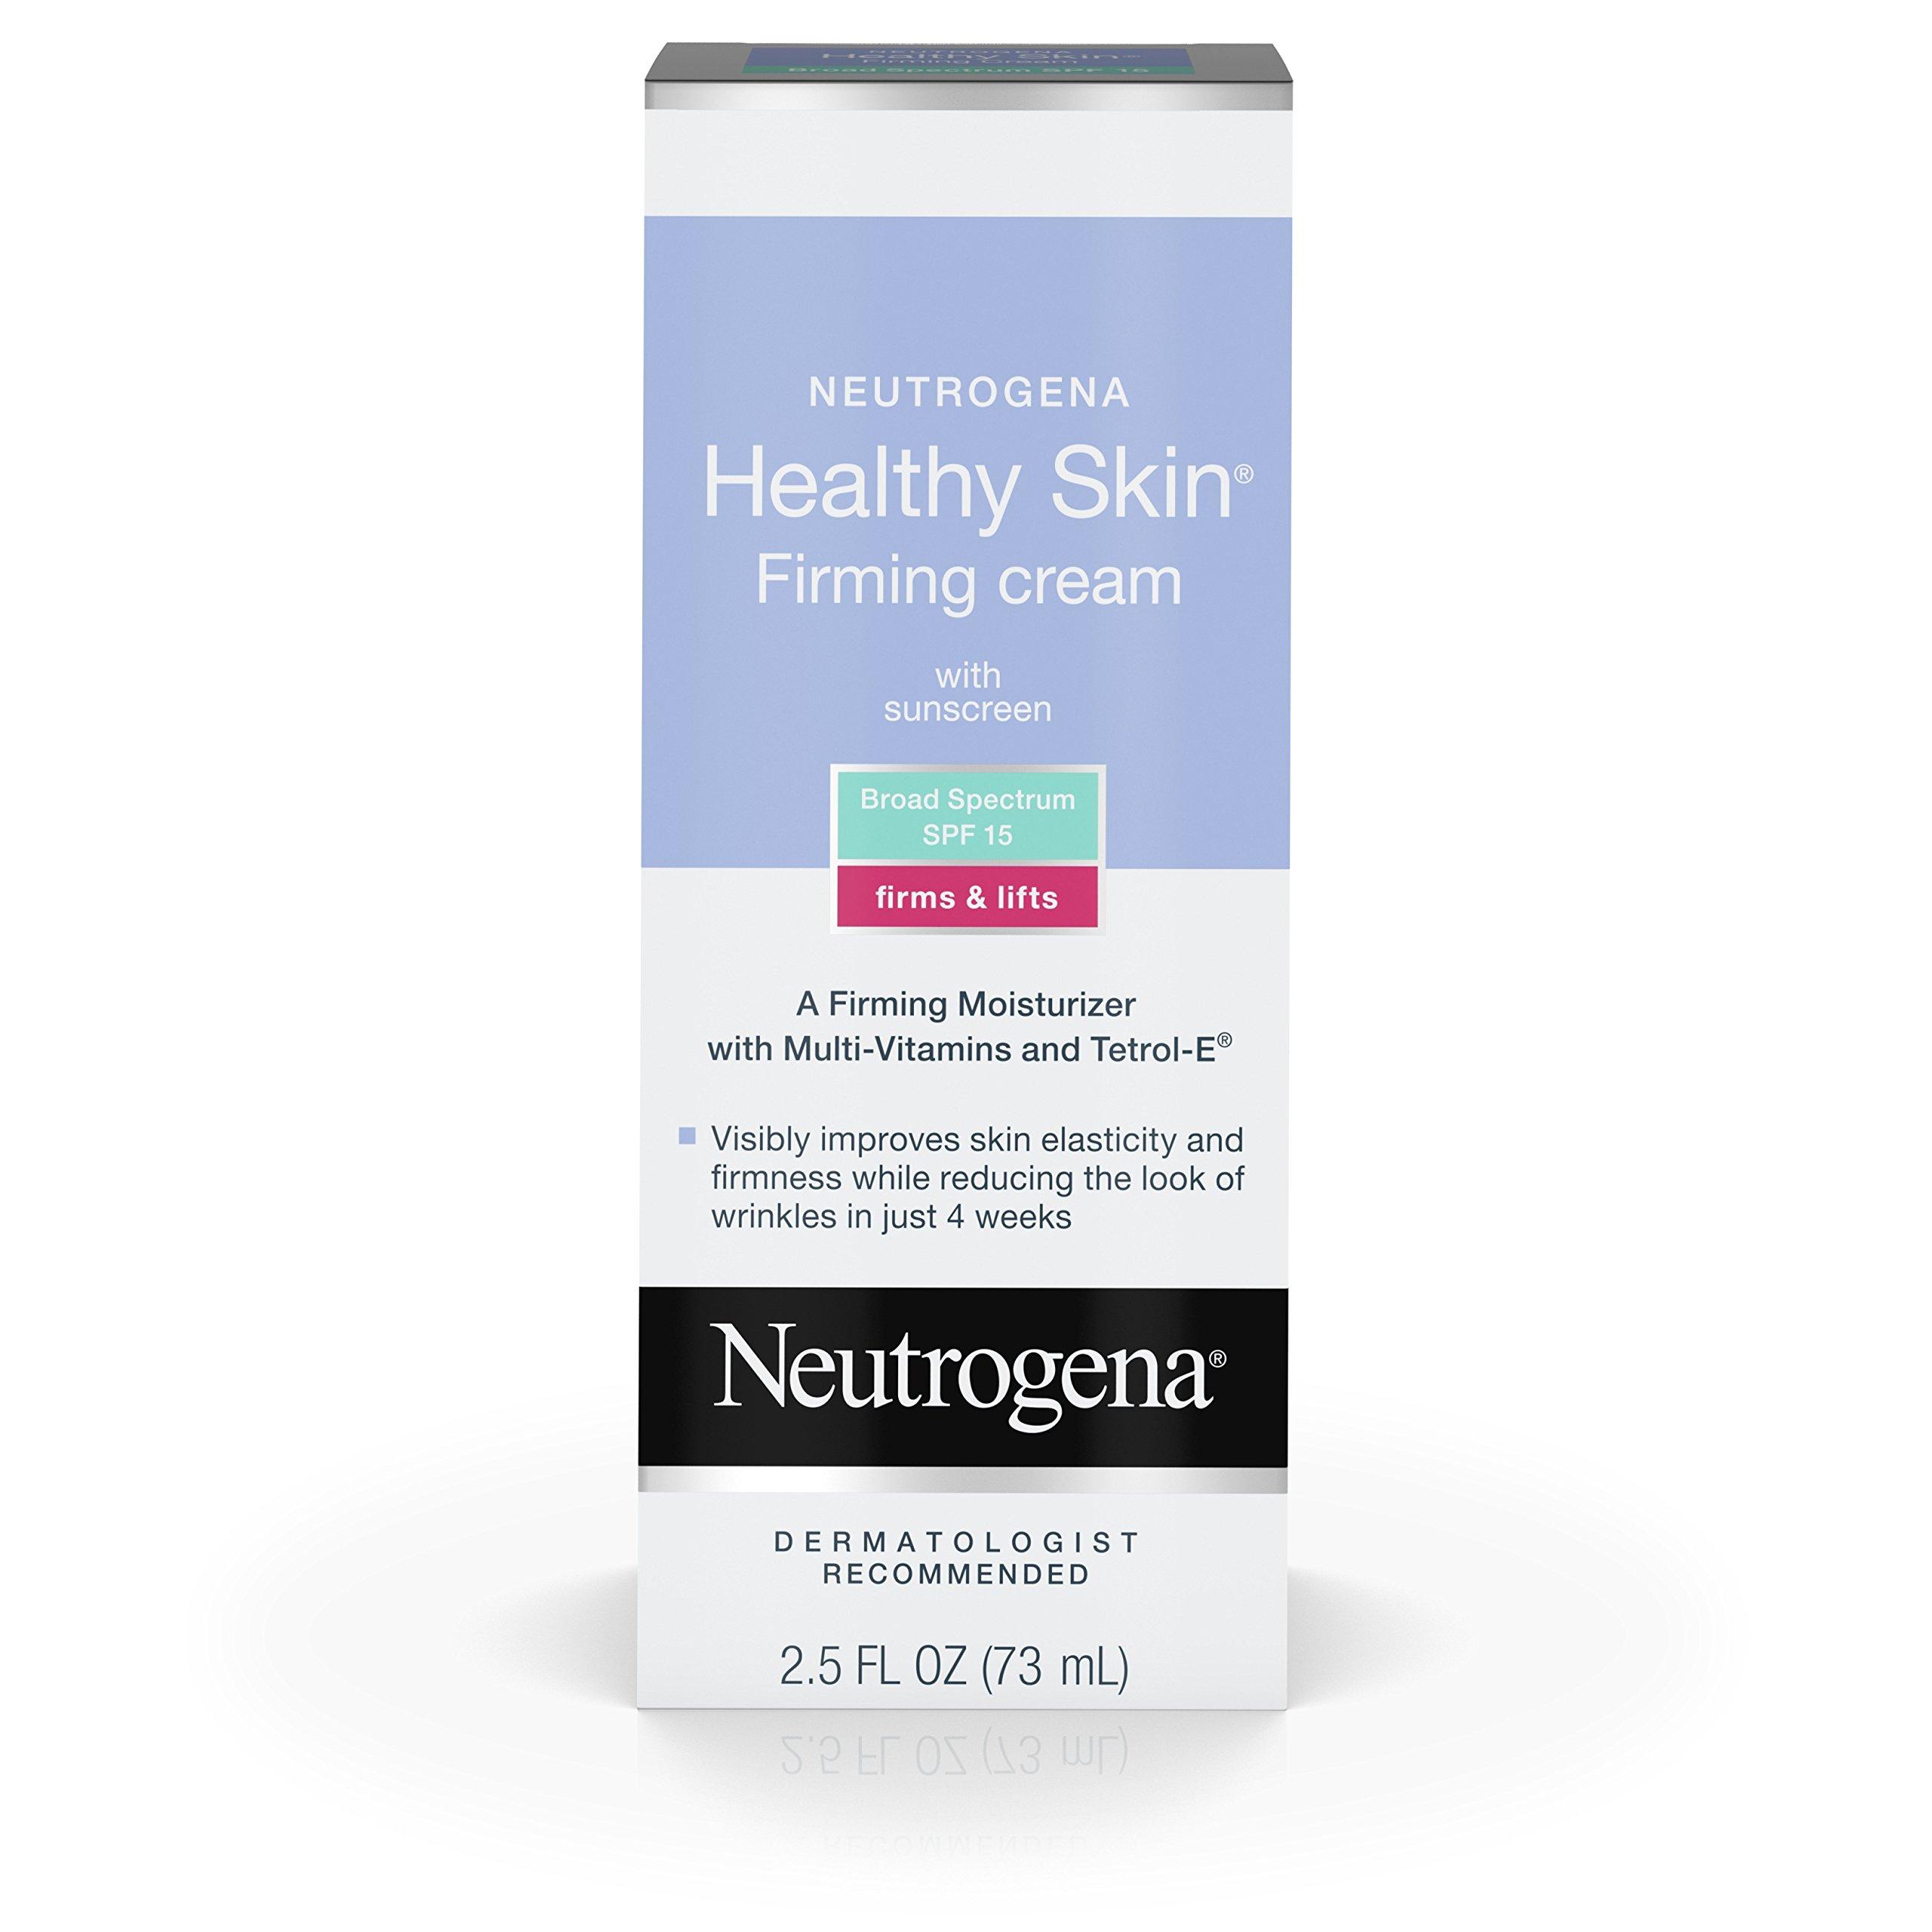 Neutrogena Healthy Skin Firming Cream SPF 15, 2.5 Fl. Oz